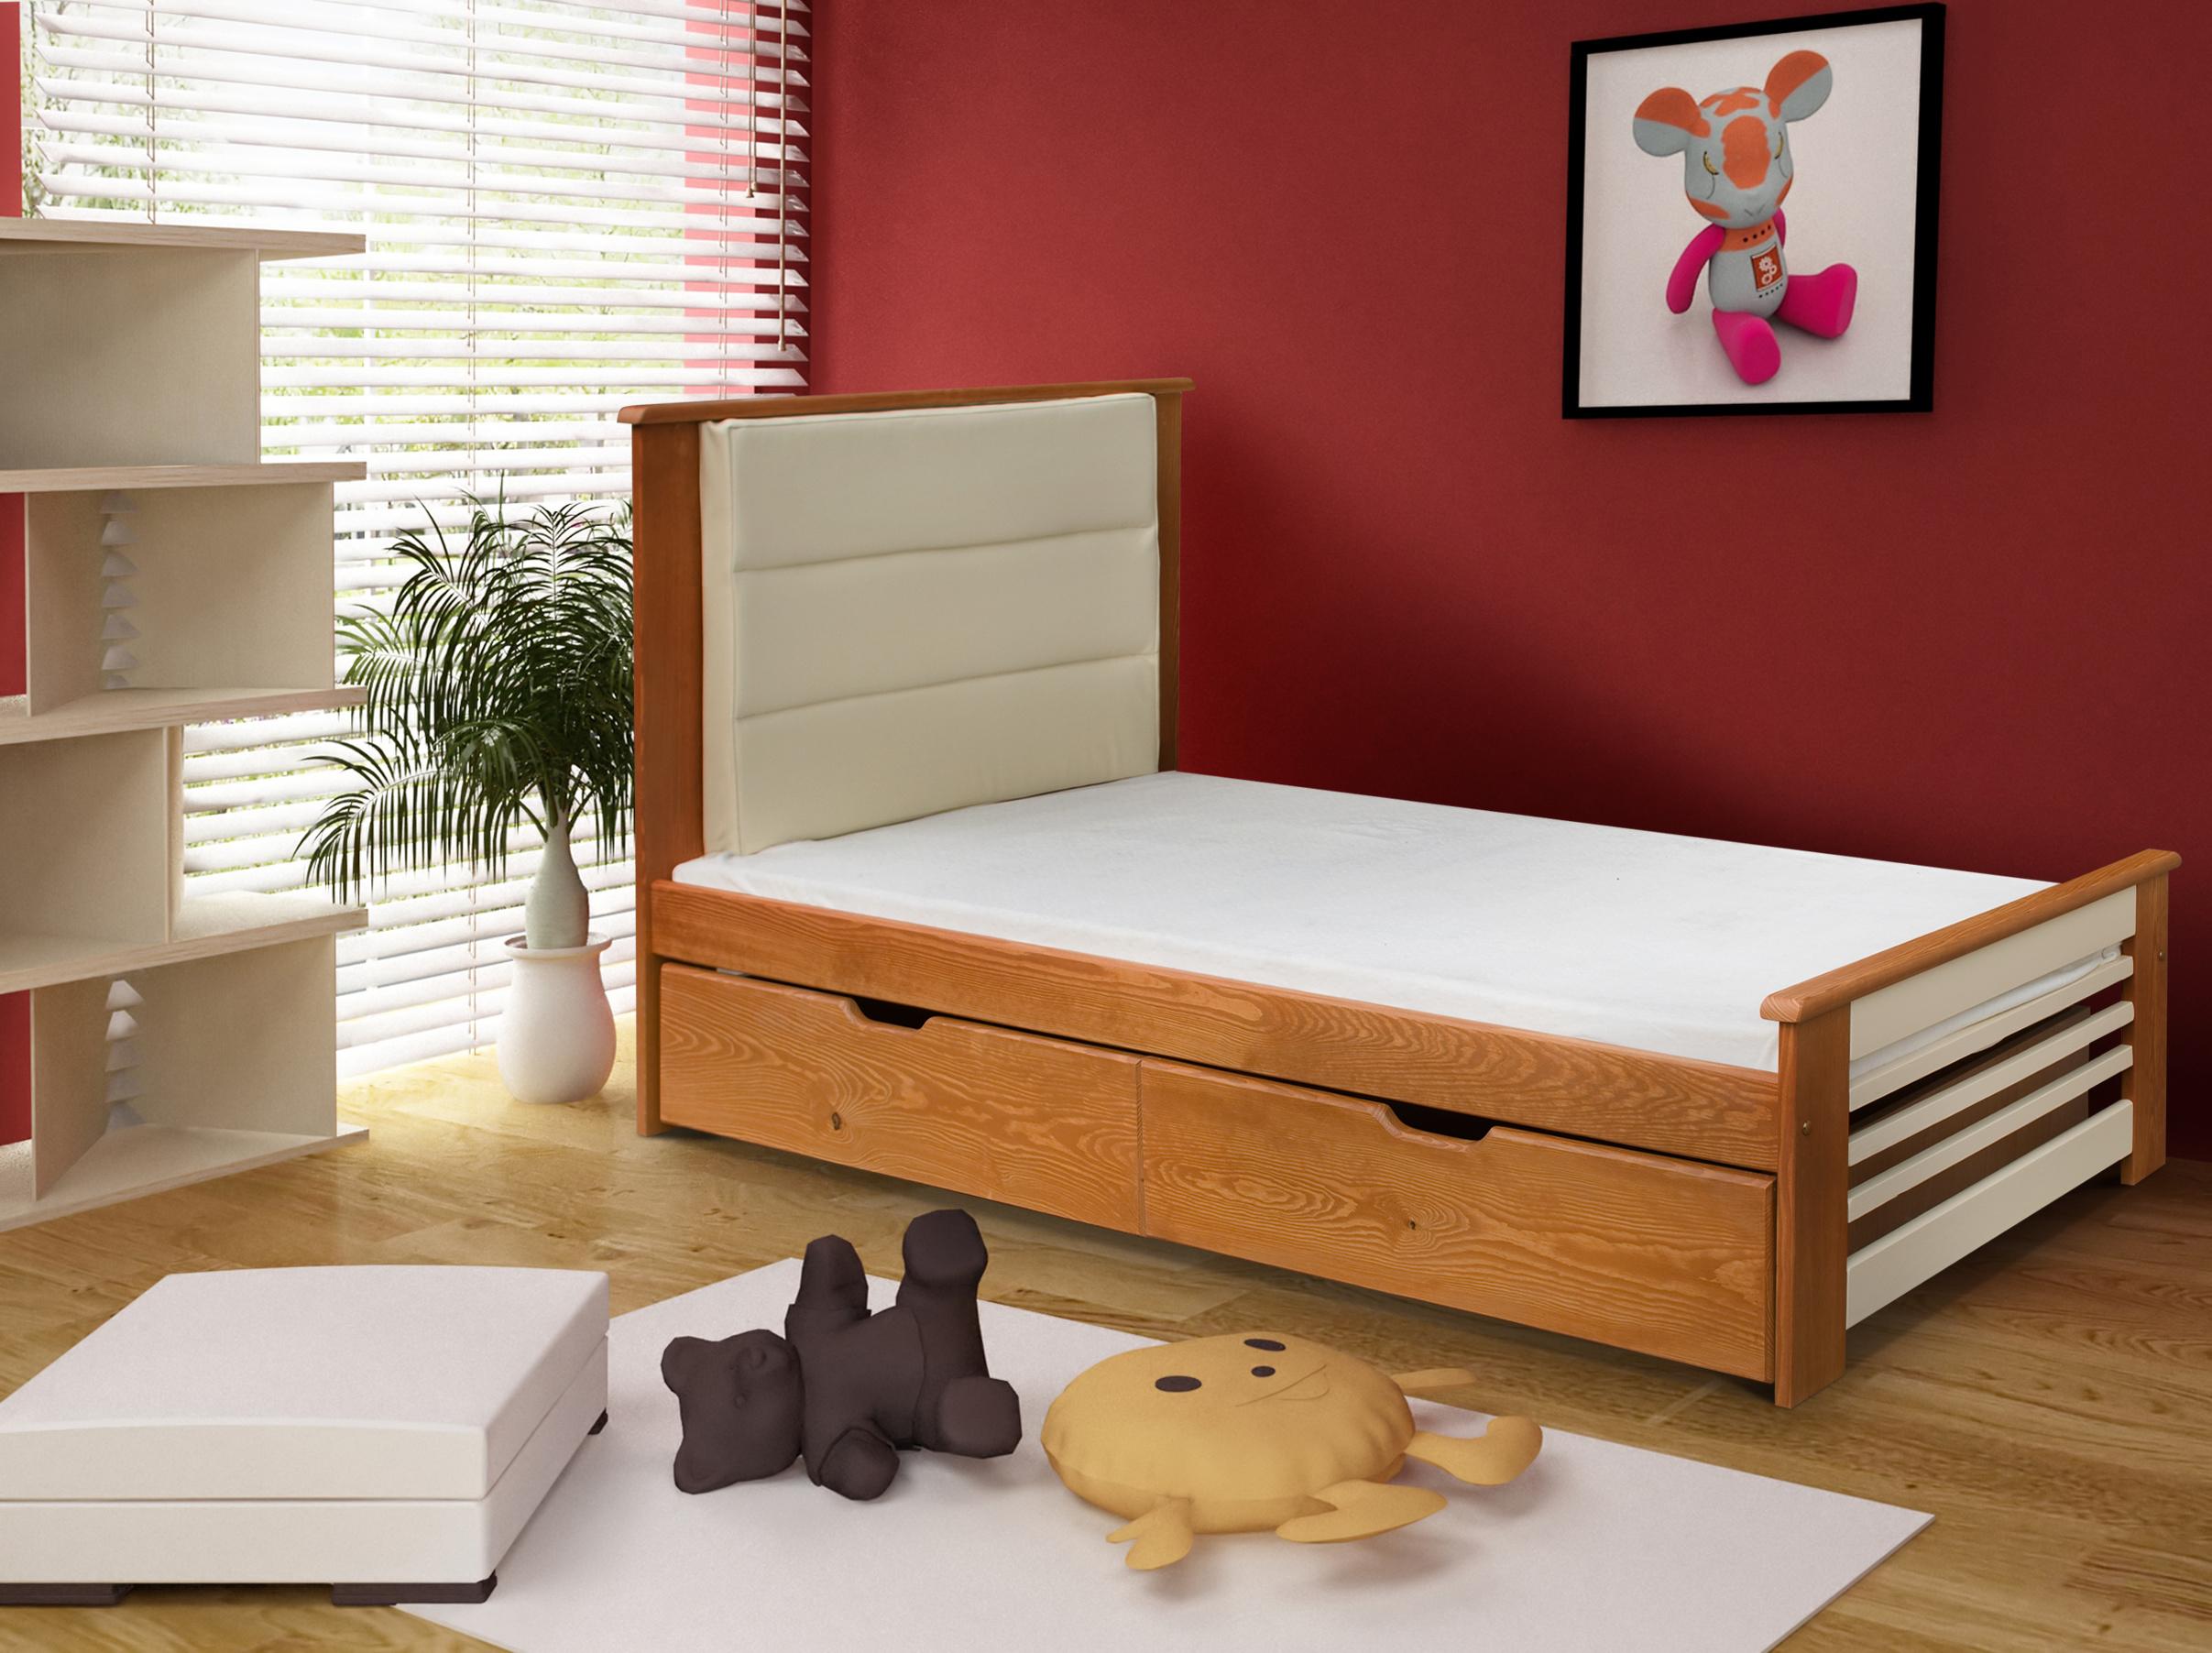 ArtBed Detská posteľ Amelia / 190x87x80 Prevedenie: Borovica prírodná